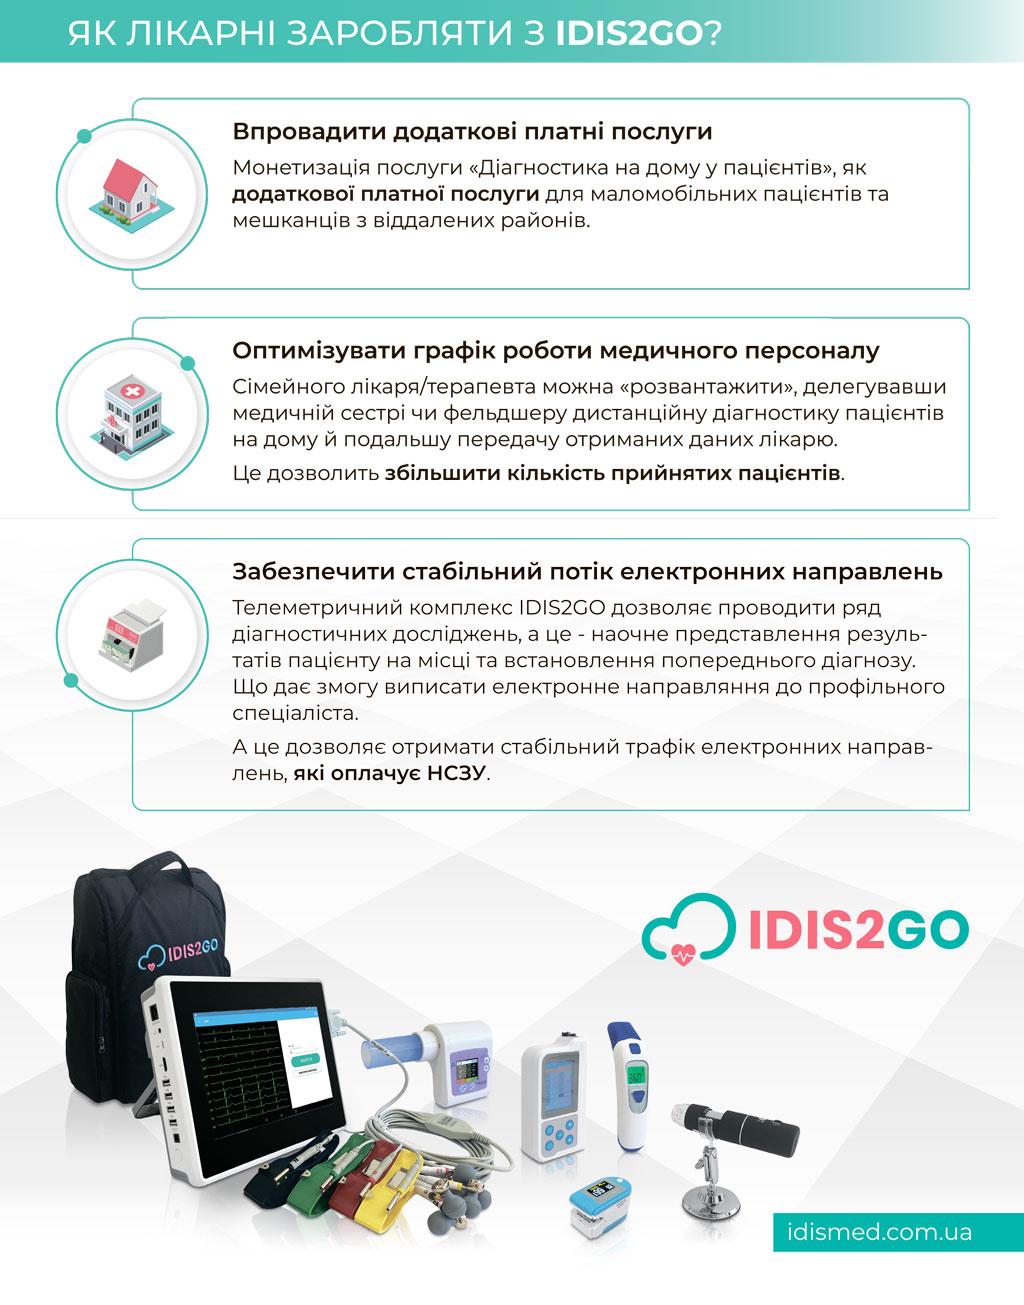 IDIS2GO